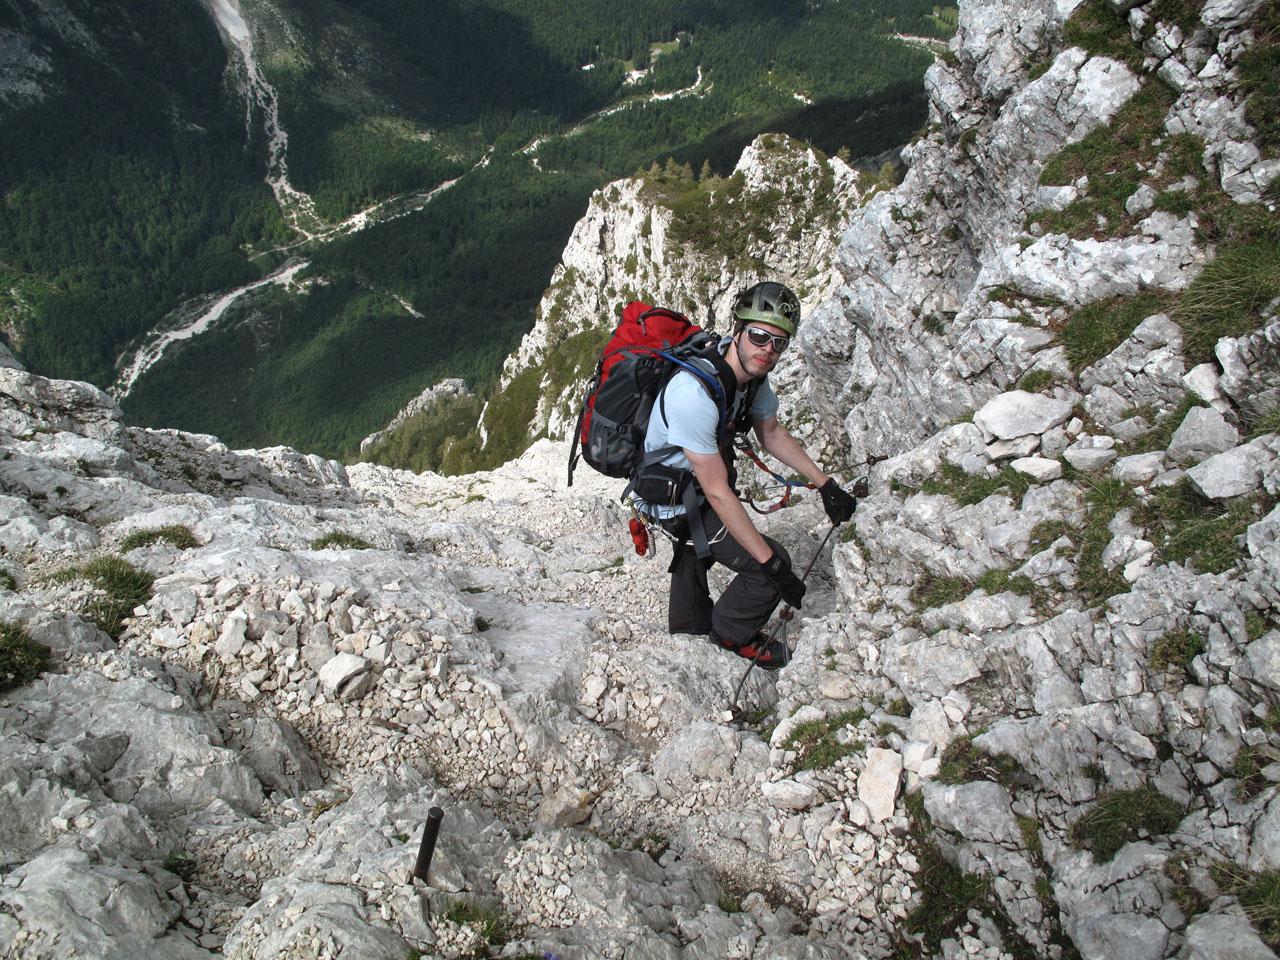 Klettersteig Julische Alpen : Langer deutscher weg triglav julische alpen klettern gbl